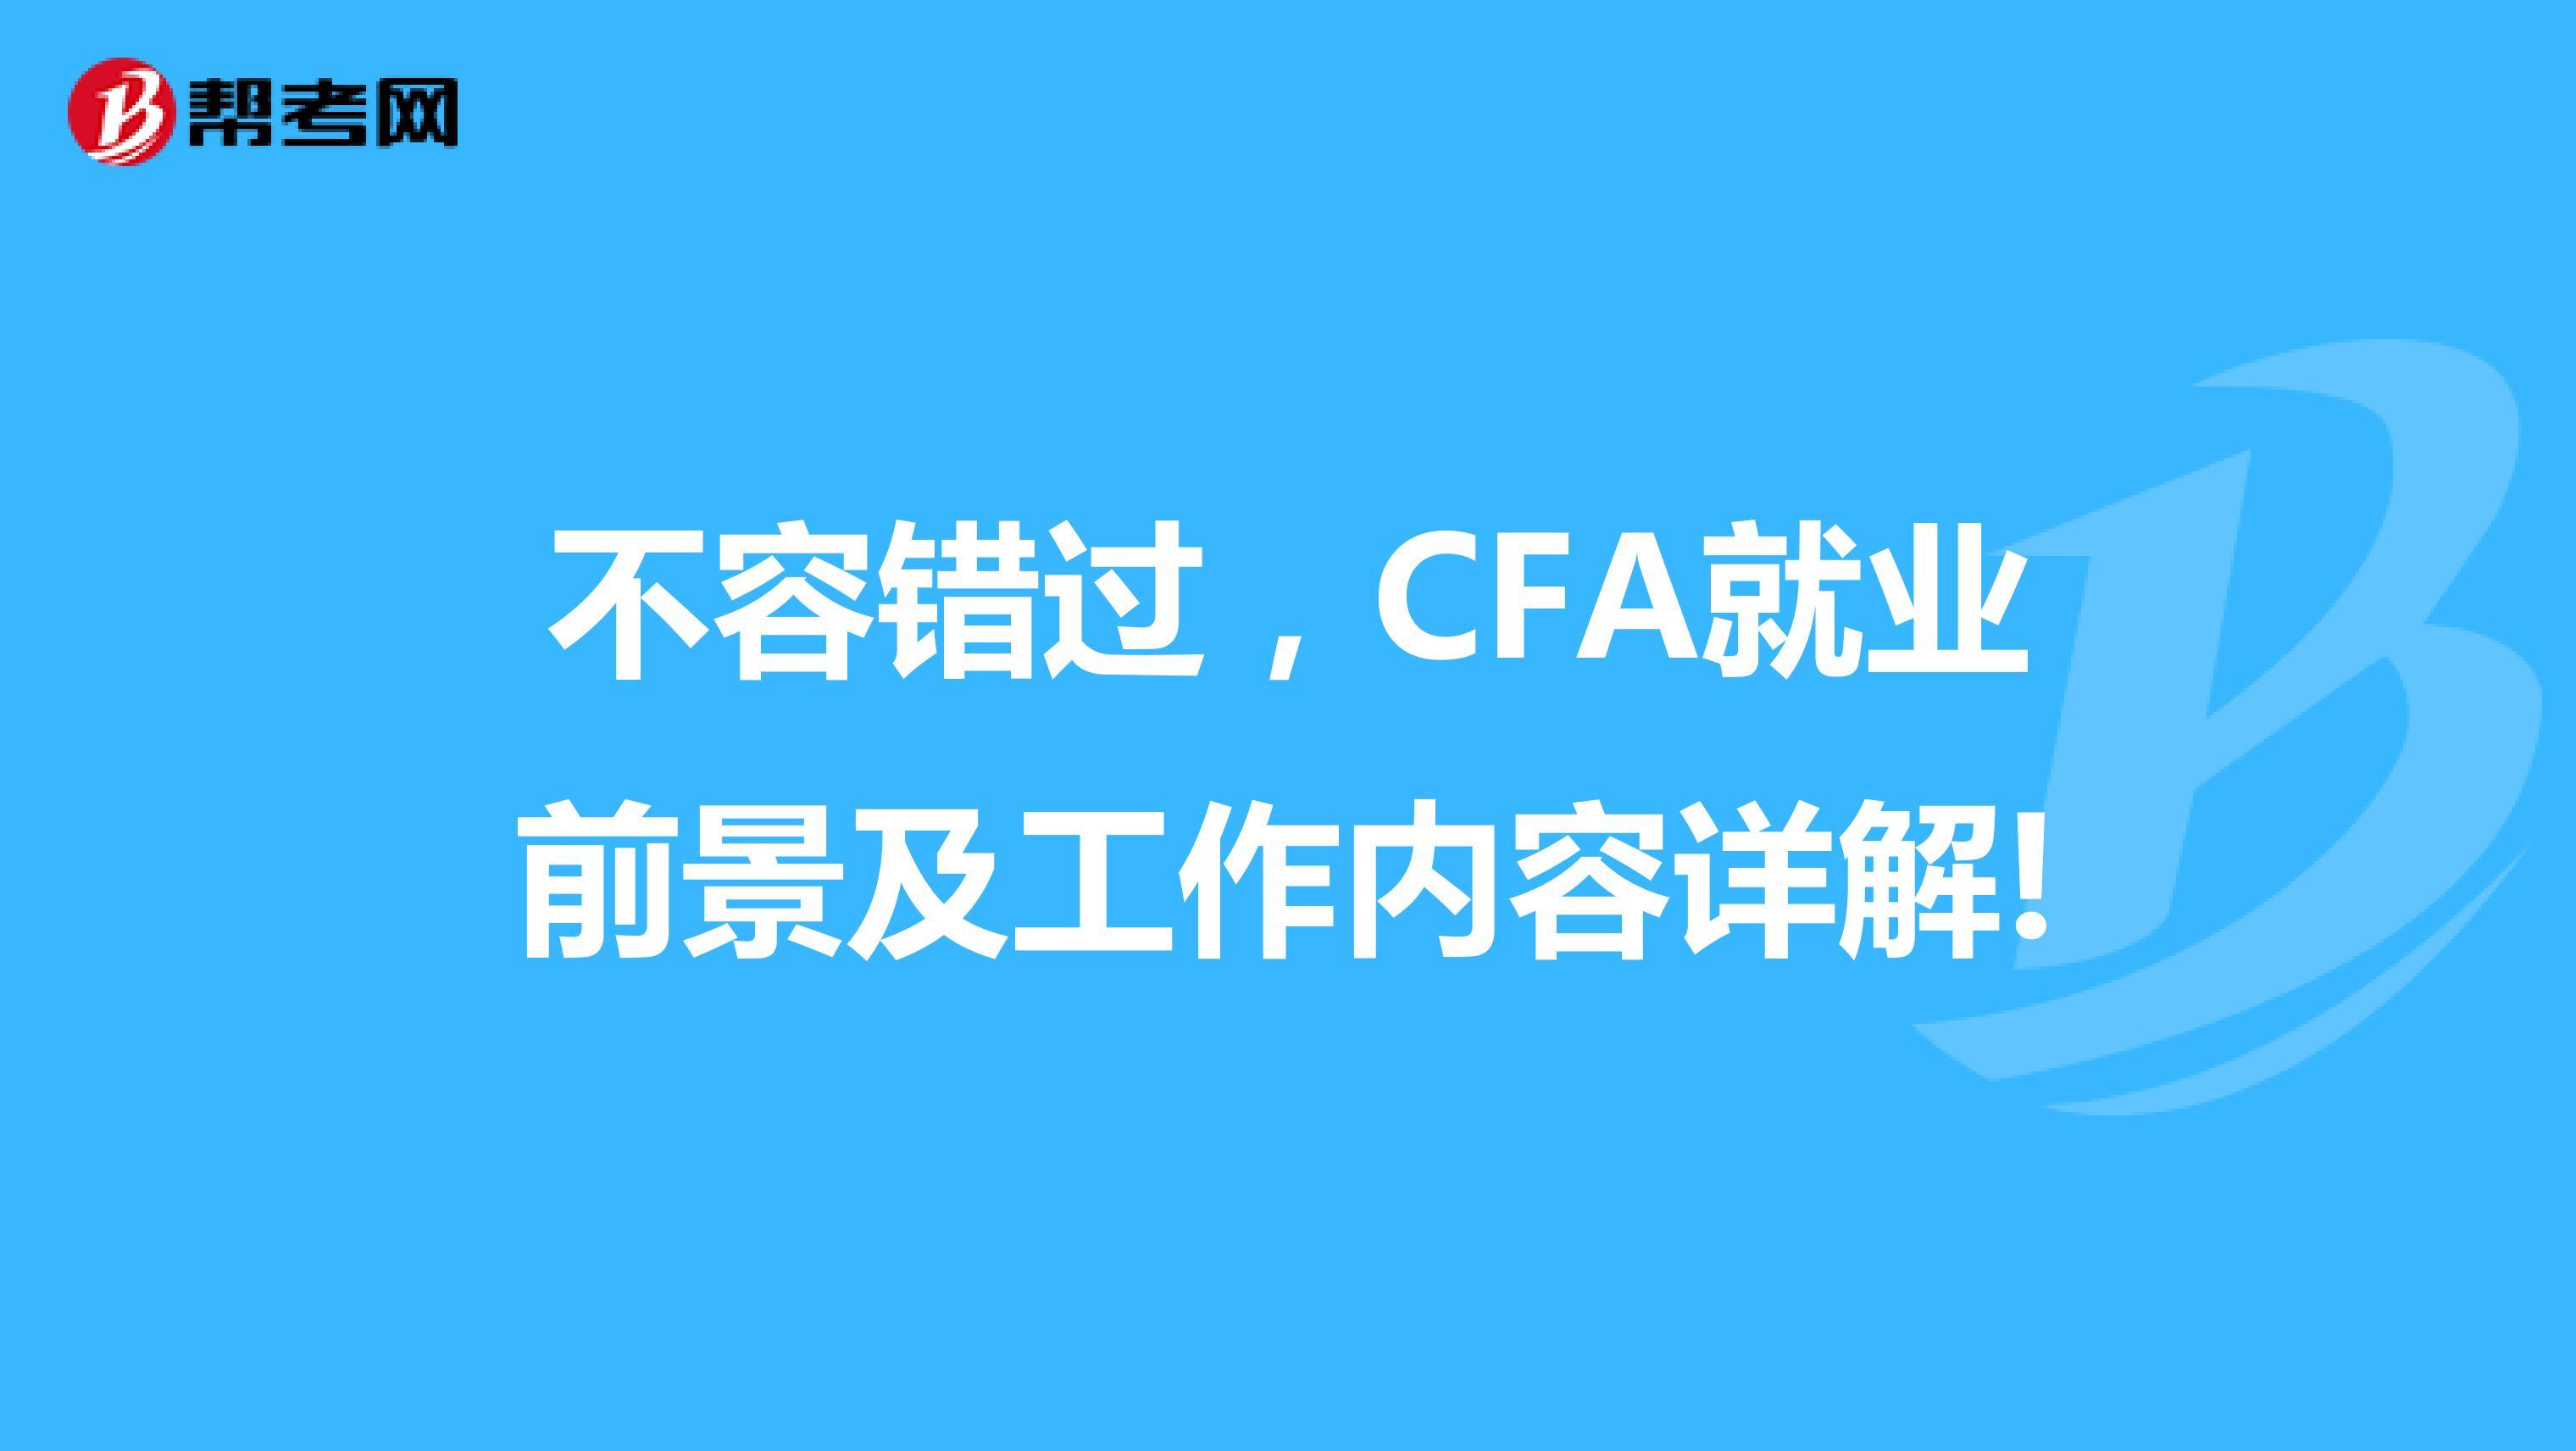 不容错过,CFA就业前景及工作内容详解!